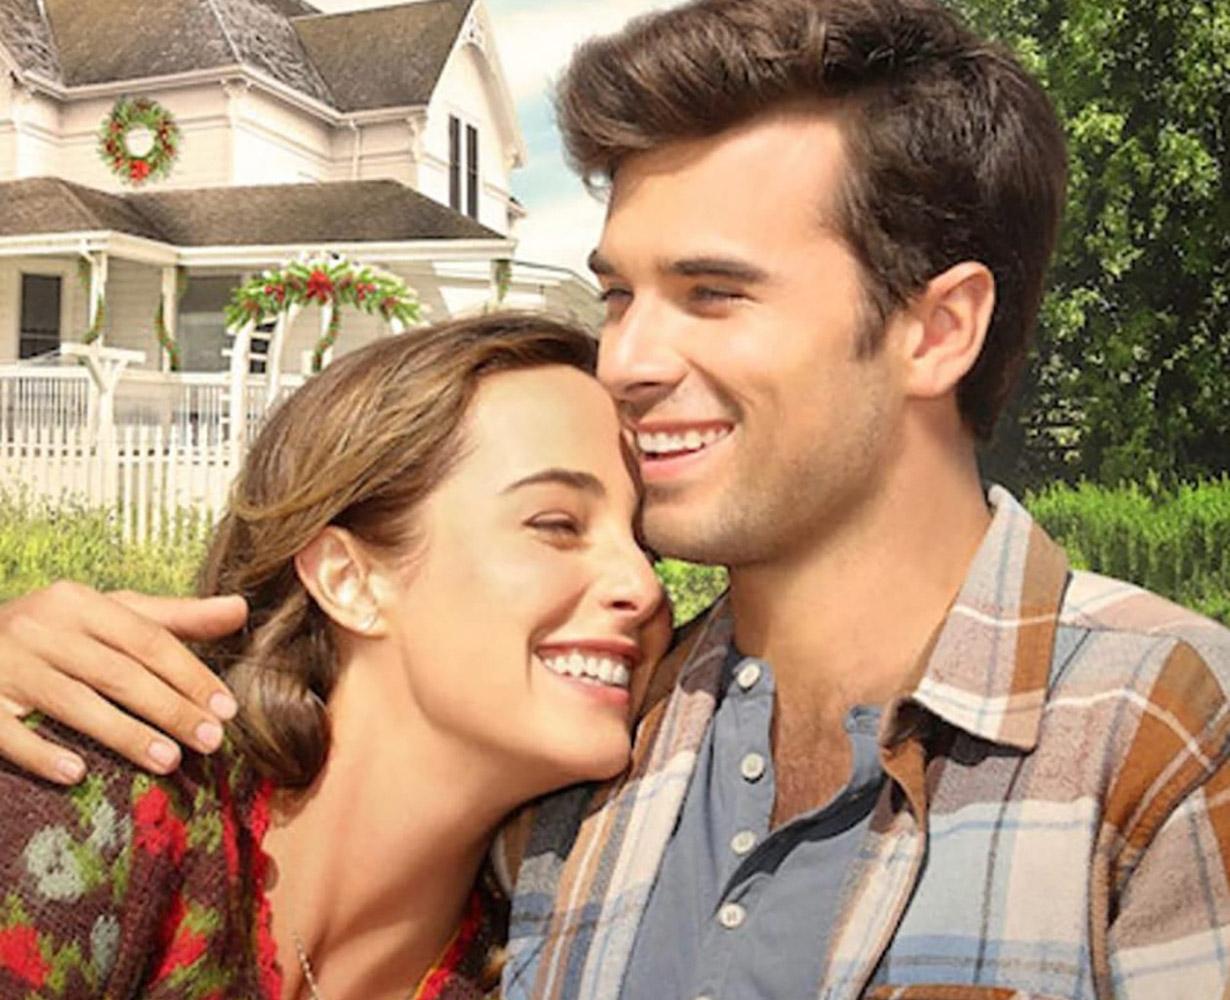 Josh and Lauren Swickard